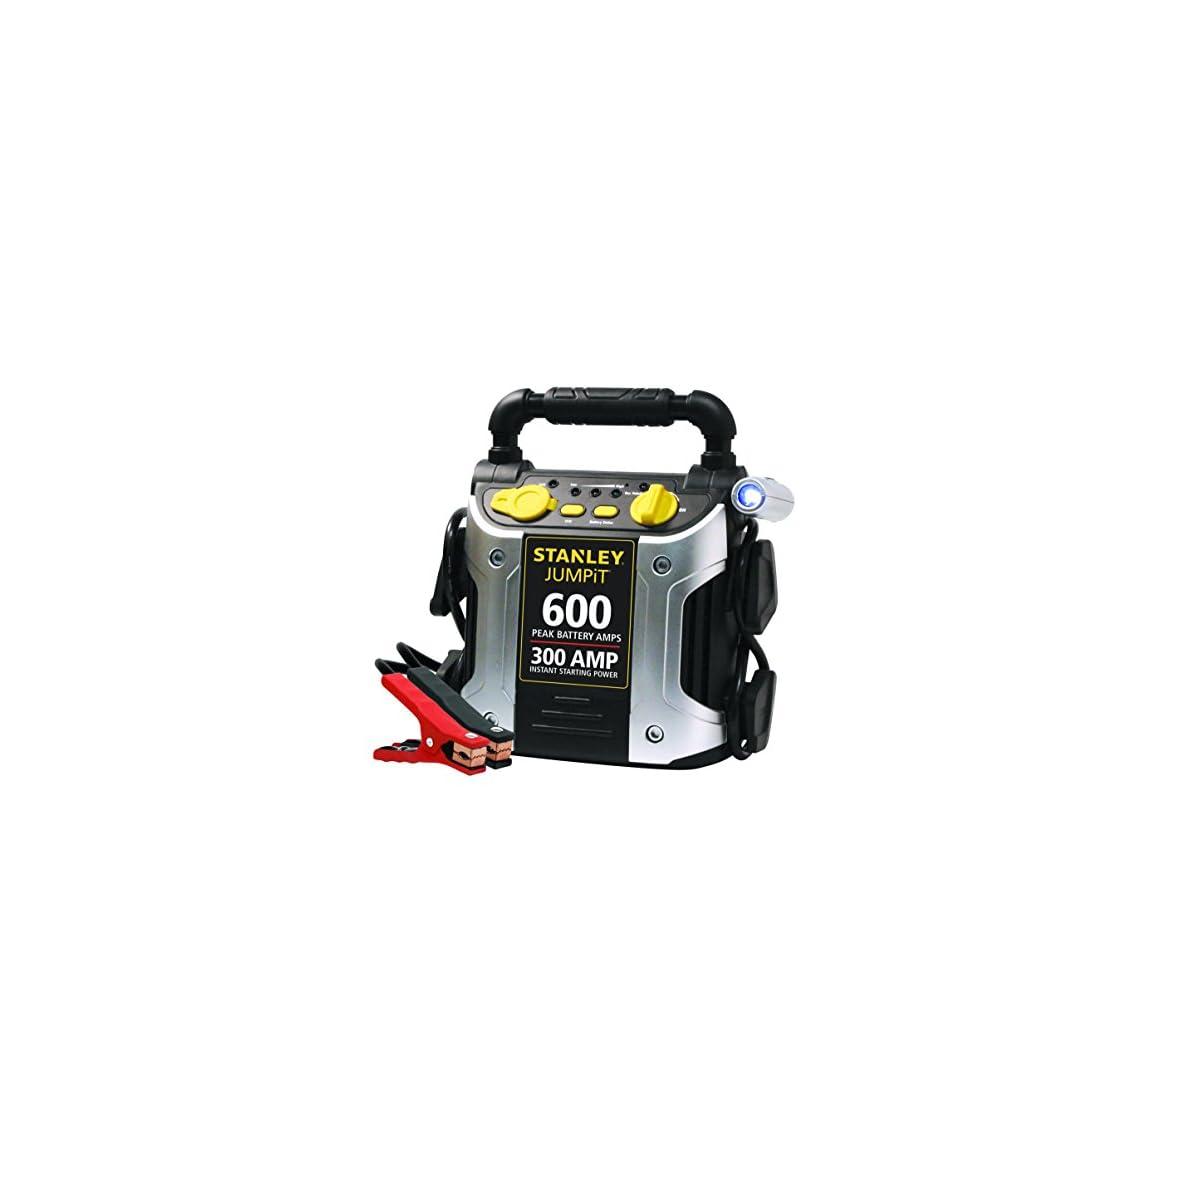 518hwIH5ARL. SS1200  - Stanley 300Amp w/12V USB Jump Starter